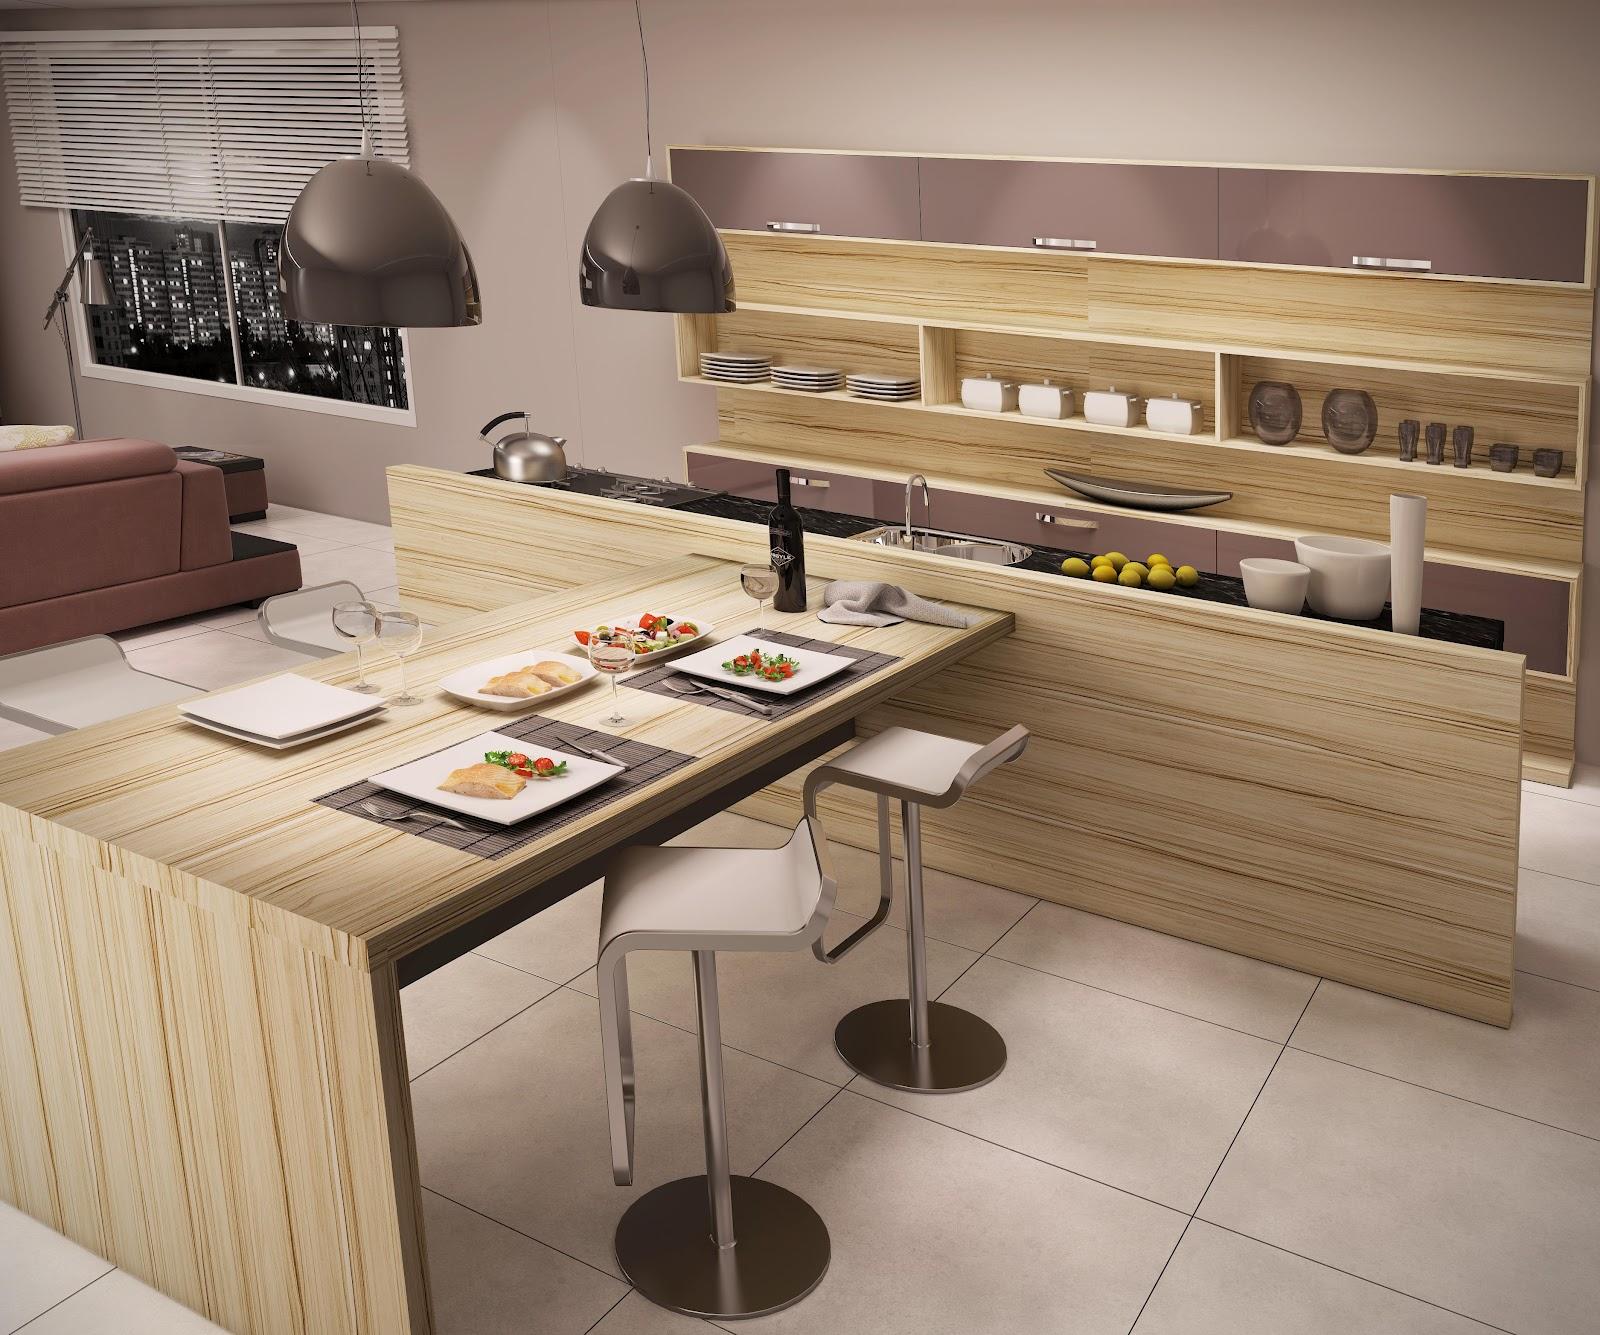 #AD3D1E Os móveis e as tendências UP Design Inteligente 1600x1335 px Cozinha Casa Design_397 Imagens